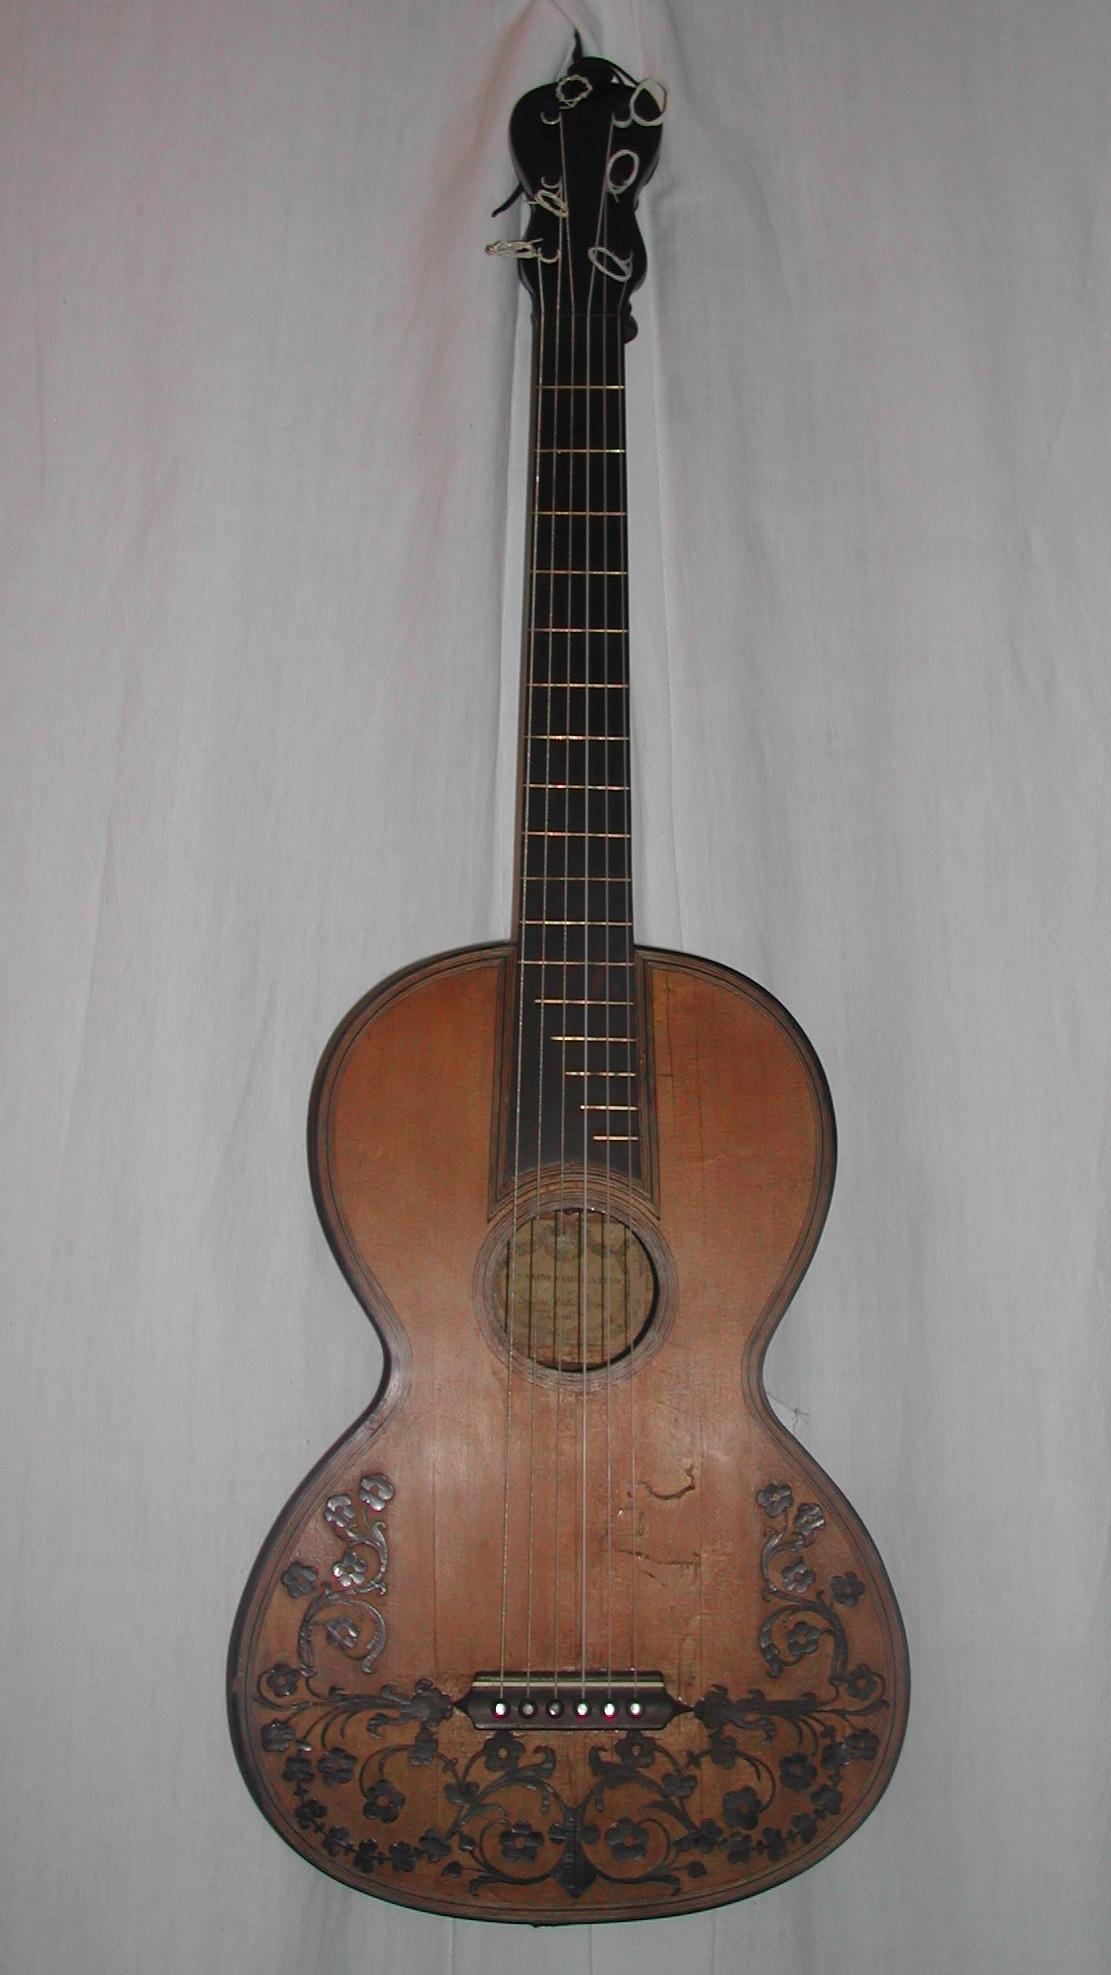 chitarra originale Gennaro Fabricatore (1810 - 1845) – Napoli 1810/20 ca.